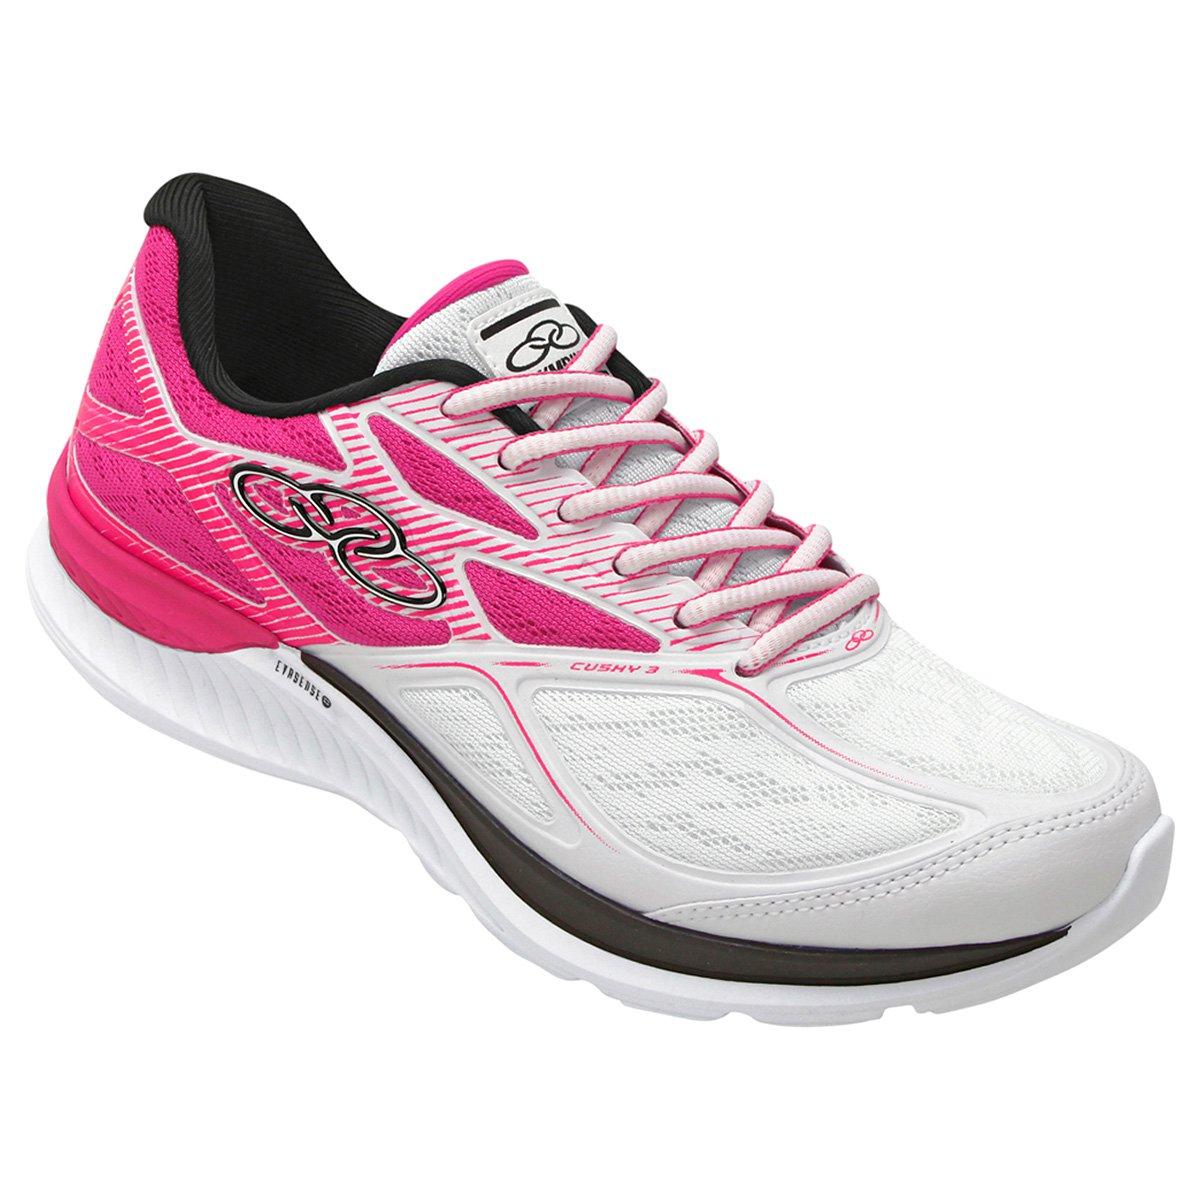 9c09b65c648 Tênis Olympikus Cushy 3 Feminino - Compre Agora